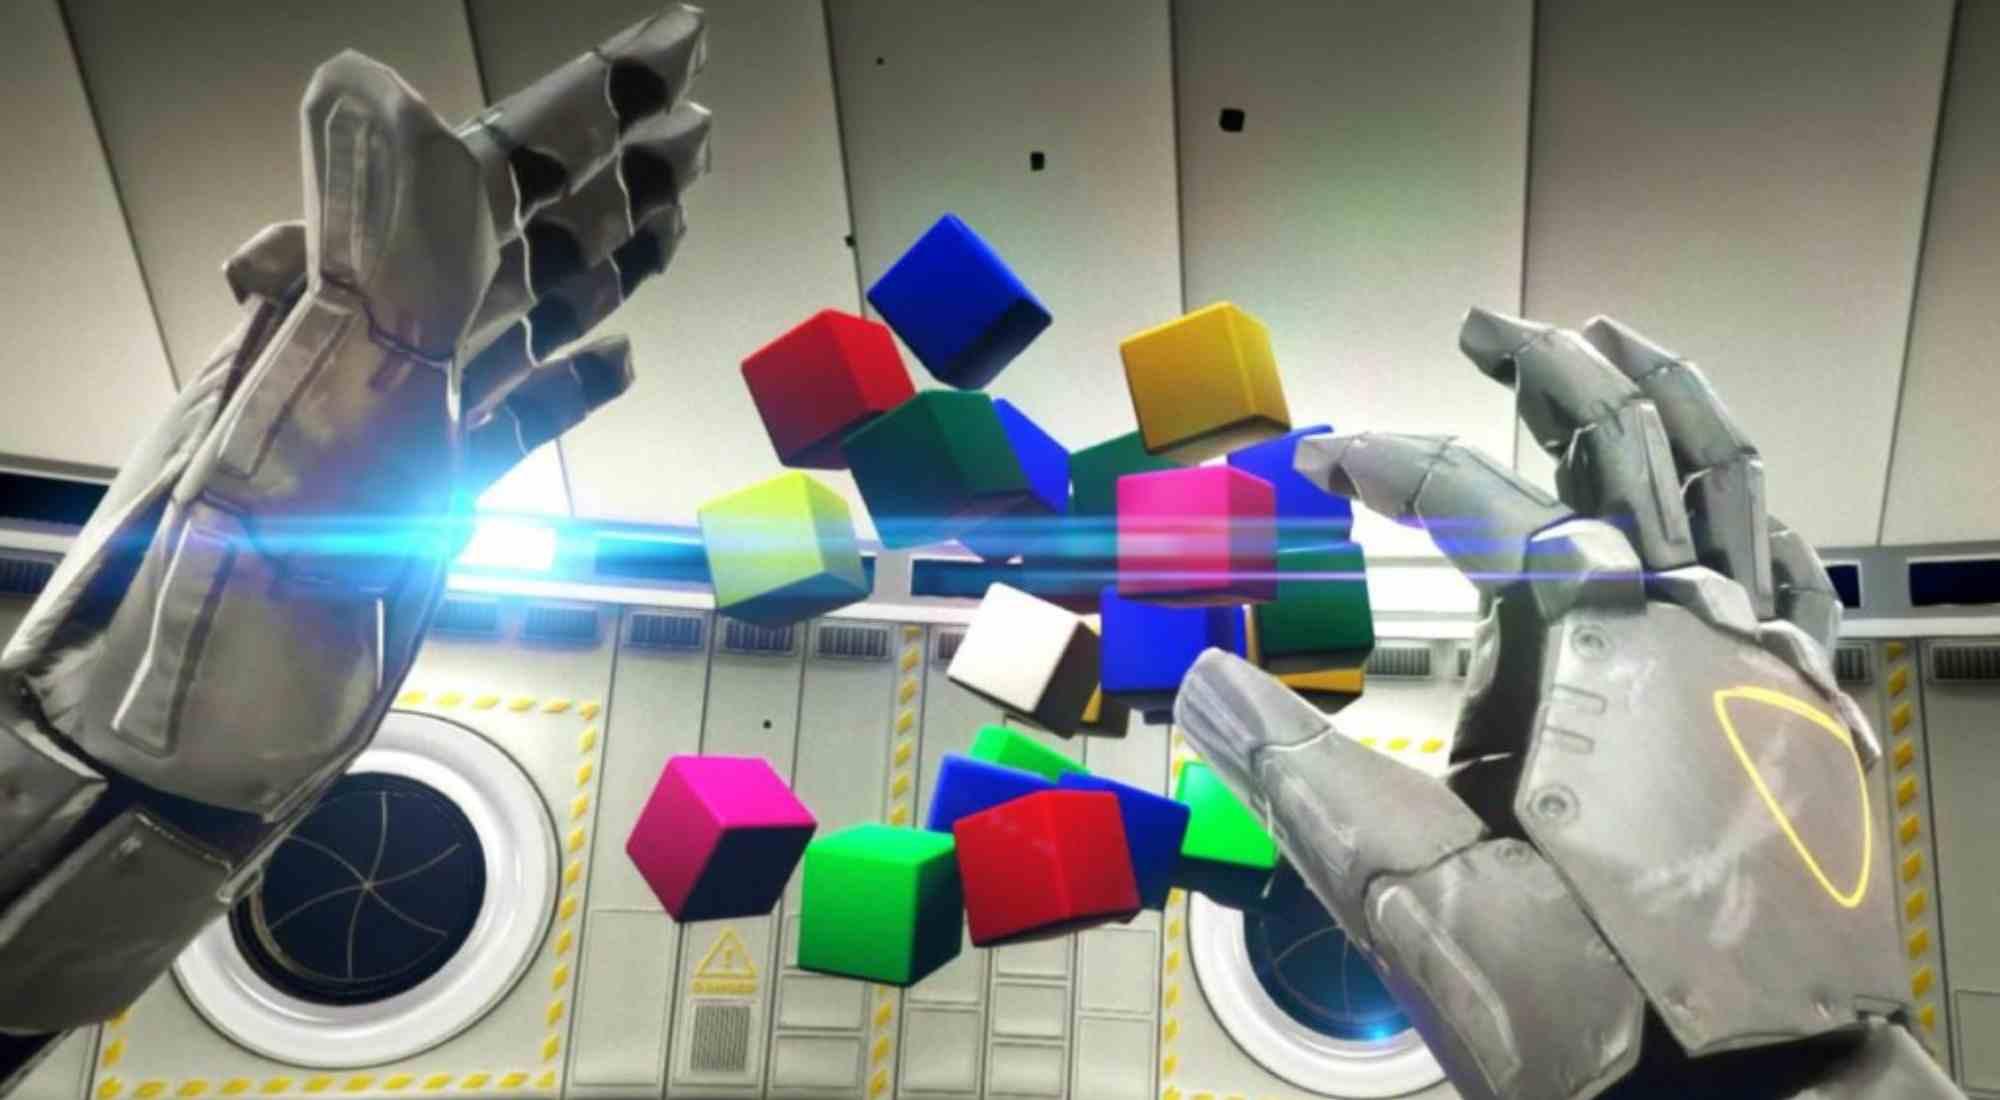 комнату квест в виртуальной реальности начале